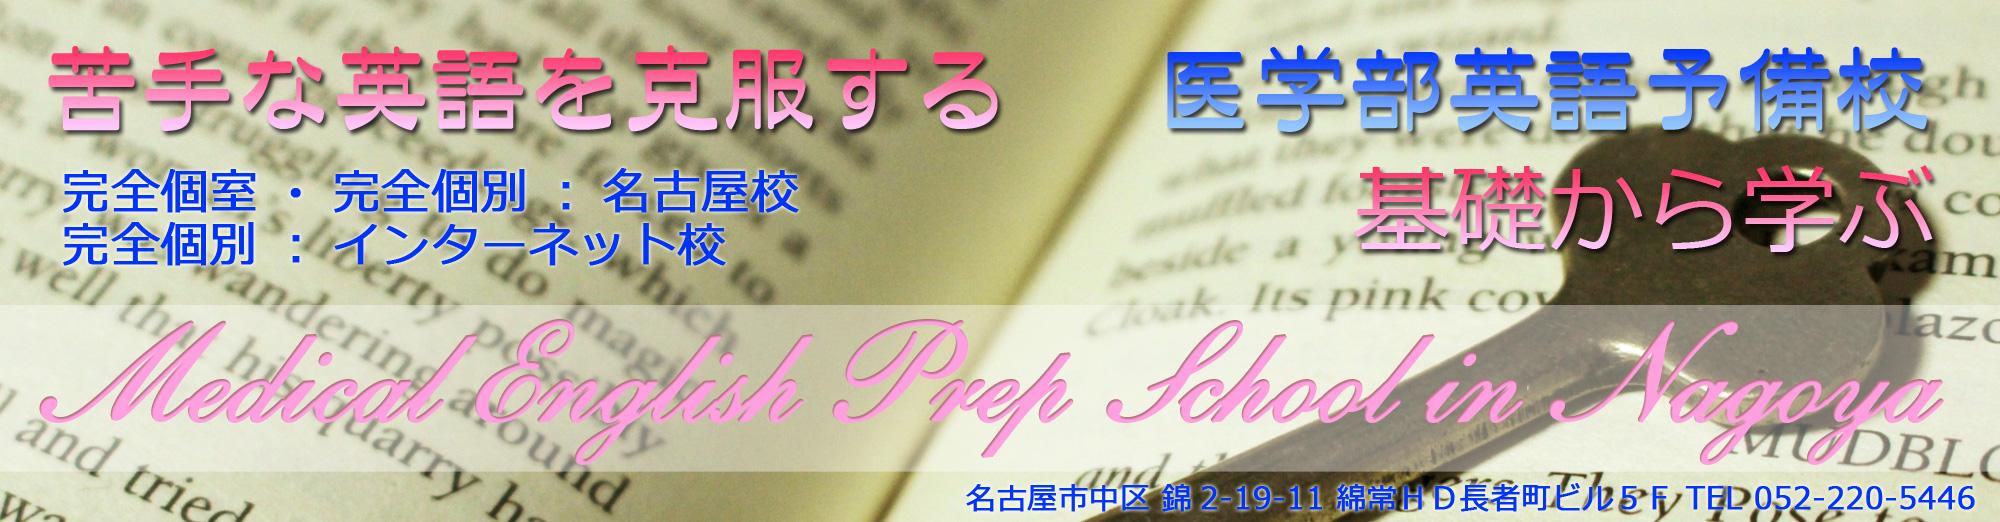 名古屋医学部英語予備校のオフィシャルブログ